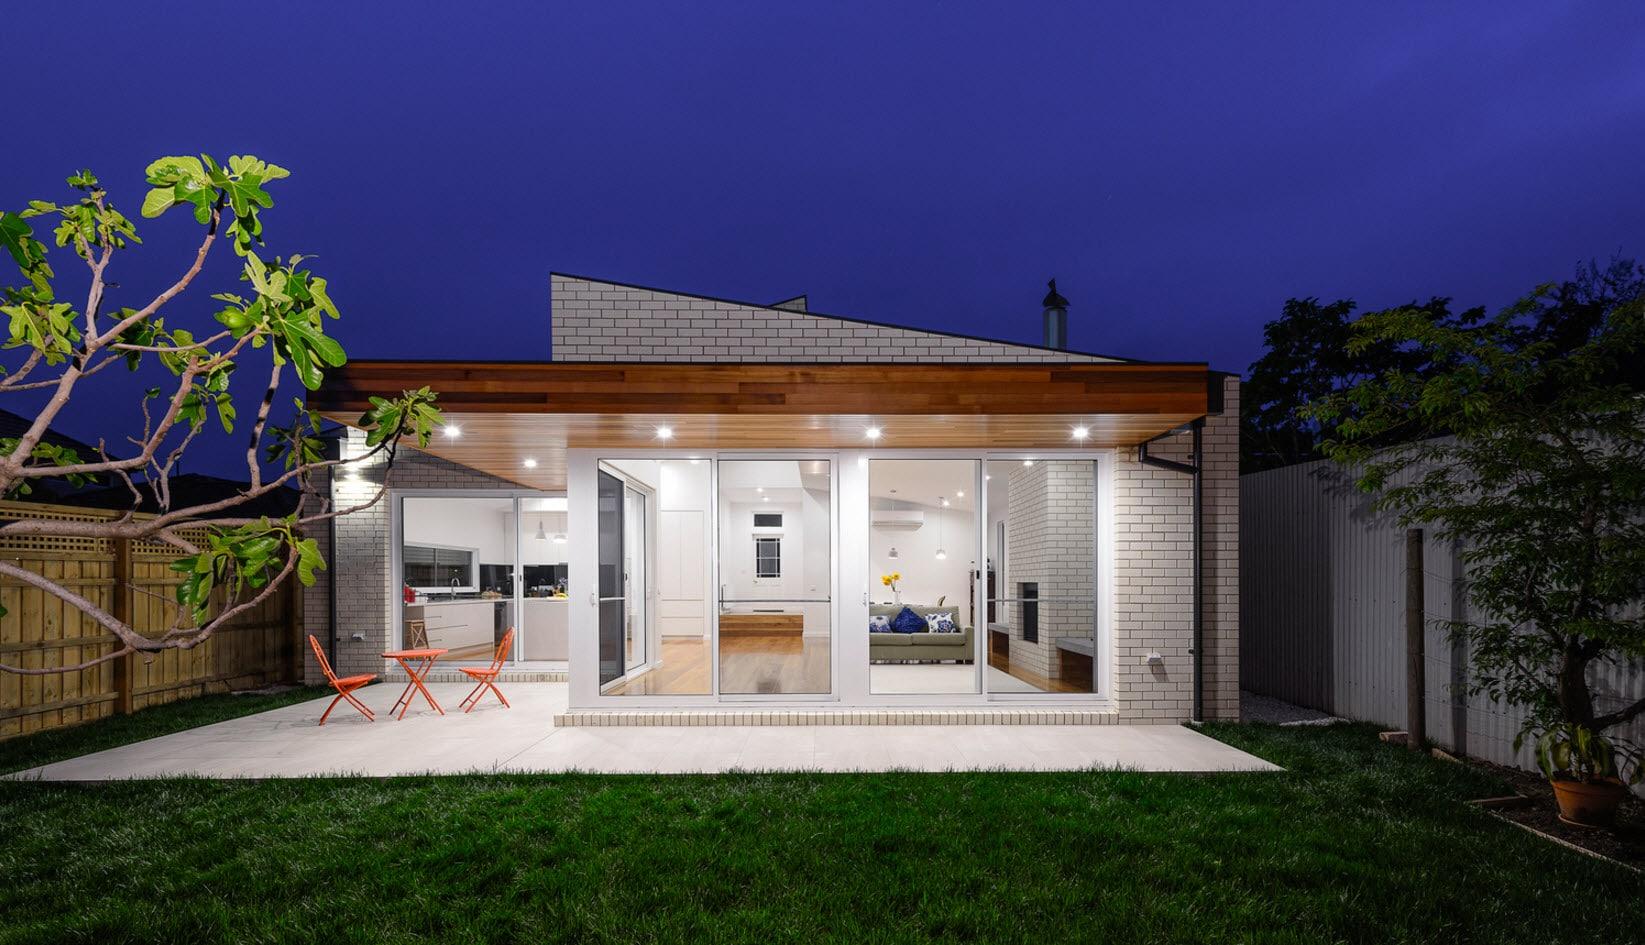 Dise o de casa moderna de un piso planos y fachadas for Plano casa un piso